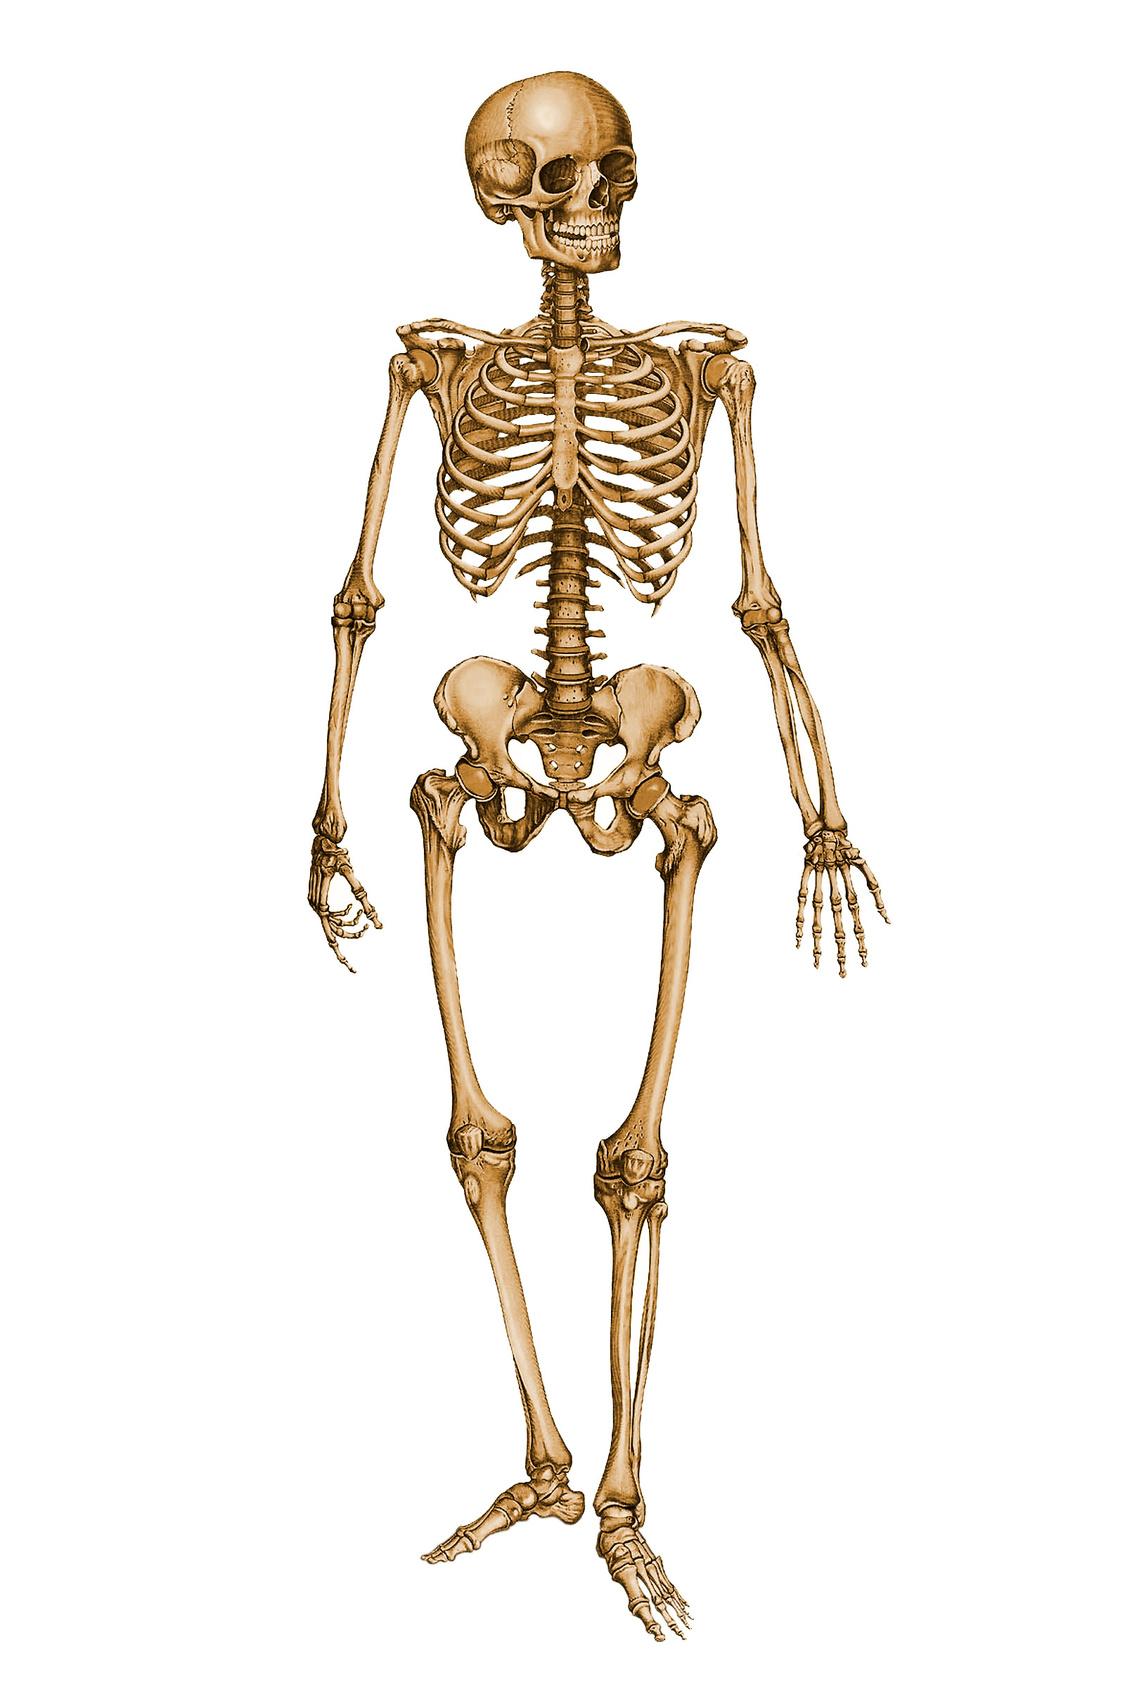 Magnífico Unlabeled Skeleton Colección de Imágenes - Imágenes de ...